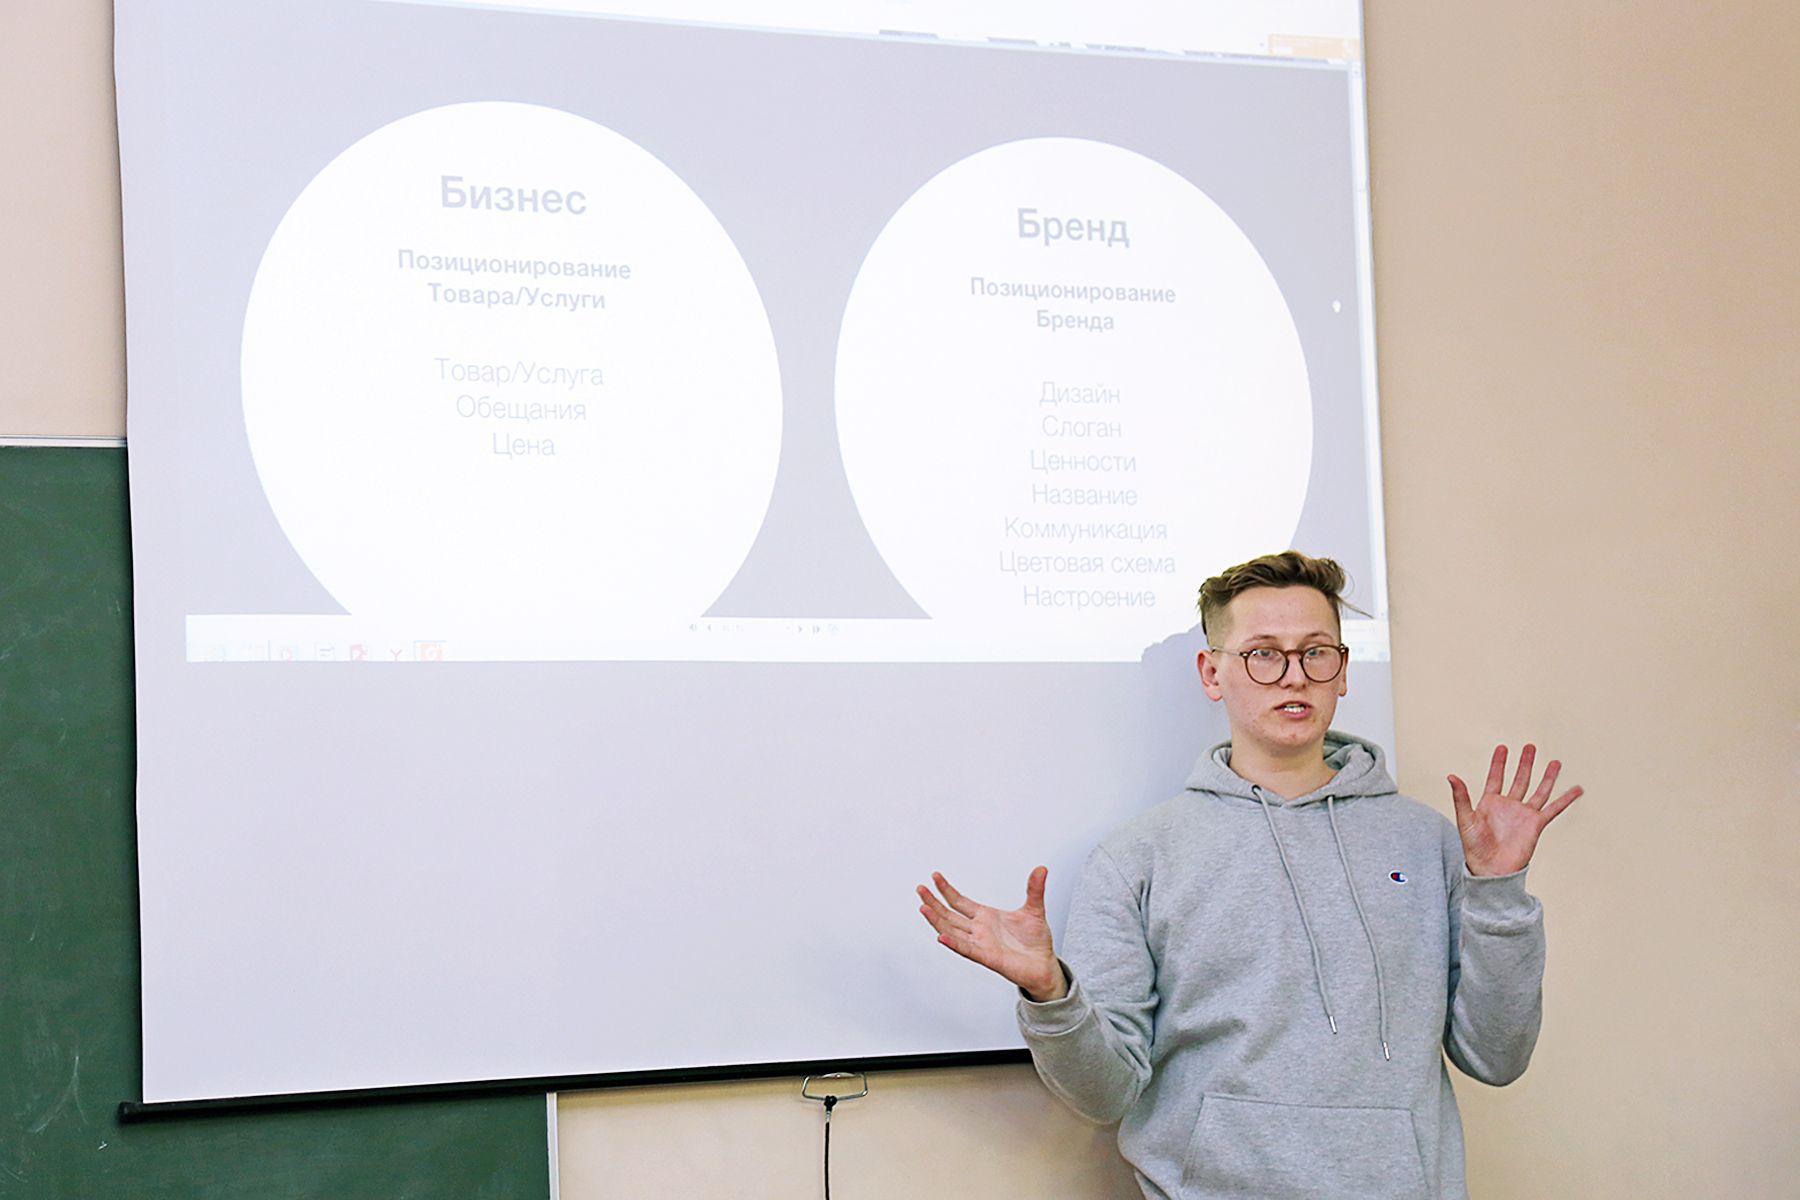 Бренд как метафора: студент Шанхайского университета прочитал лекцию о философии бренда во ВГУЭС